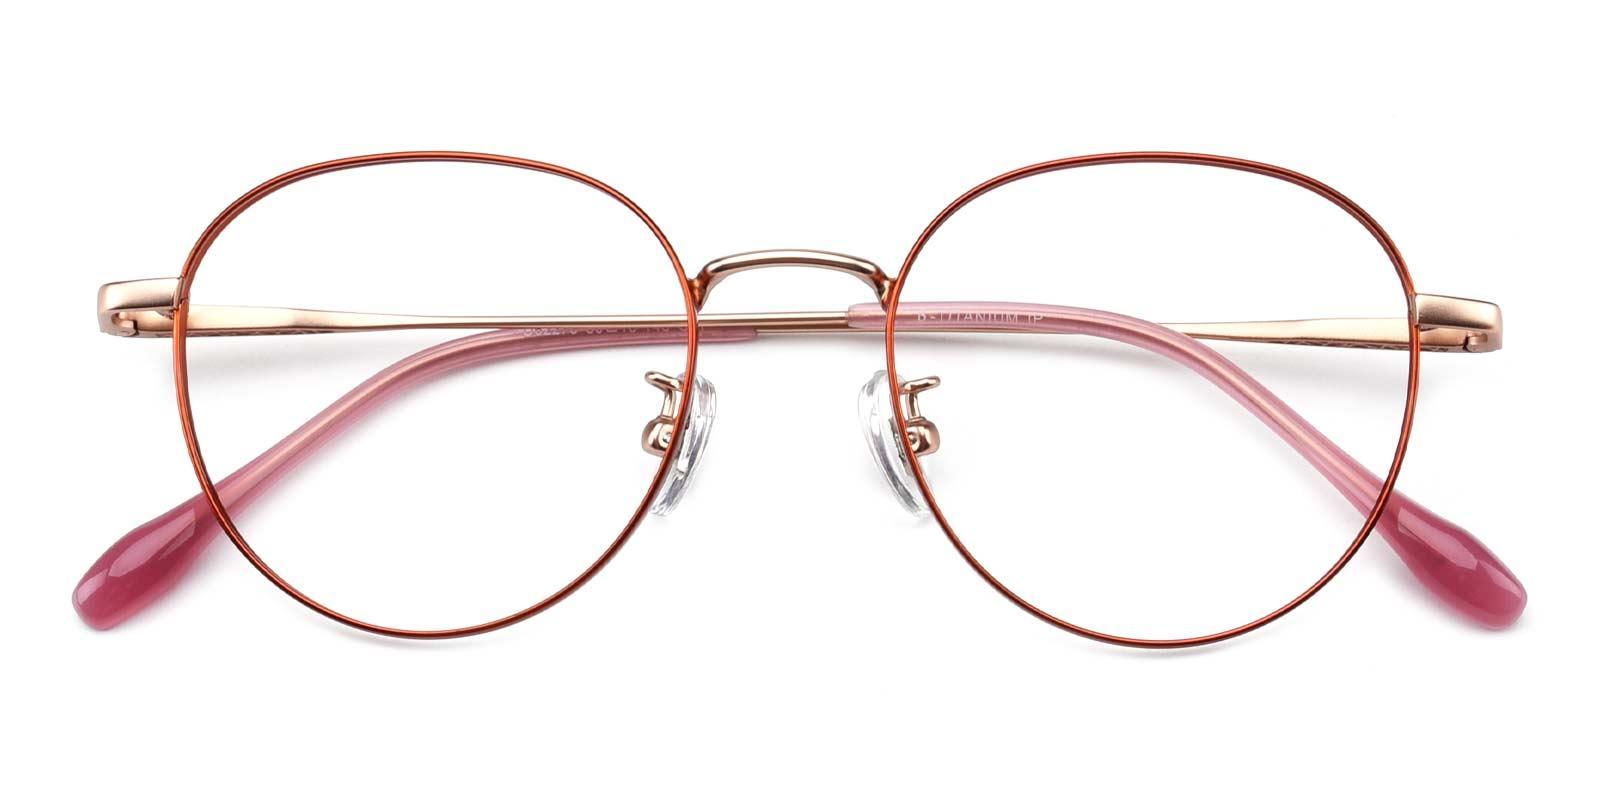 North-Orange-Round-Titanium-Eyeglasses-detail